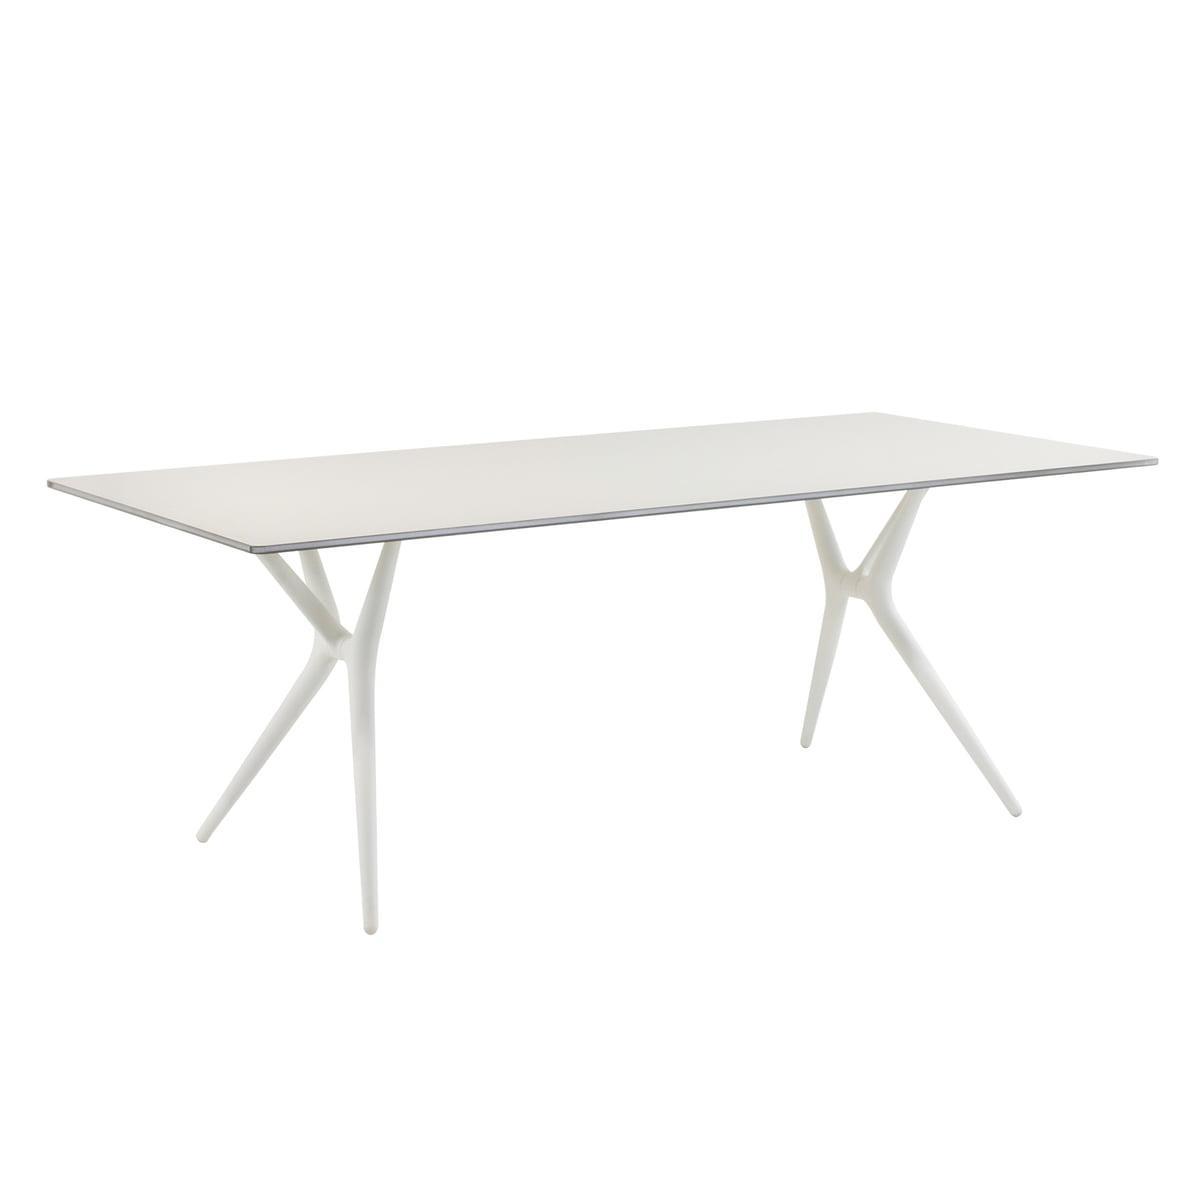 kartell table. Black Bedroom Furniture Sets. Home Design Ideas